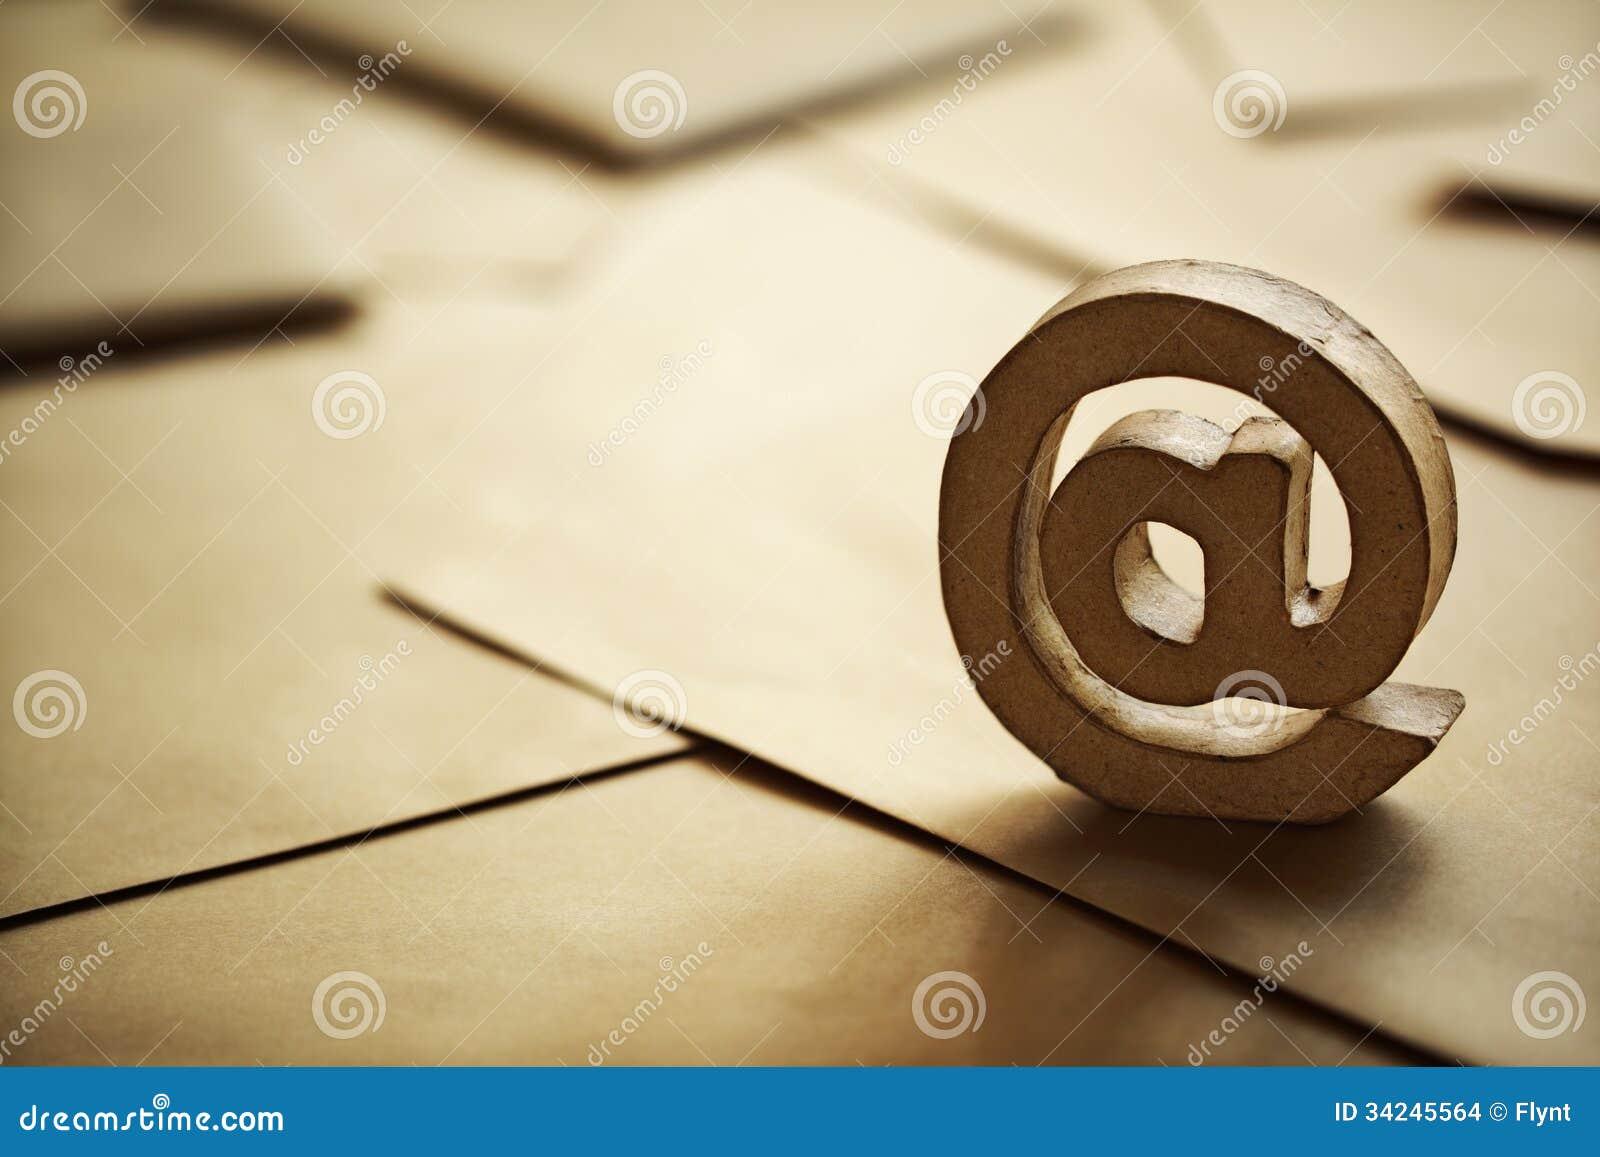 Символ электронной почты @